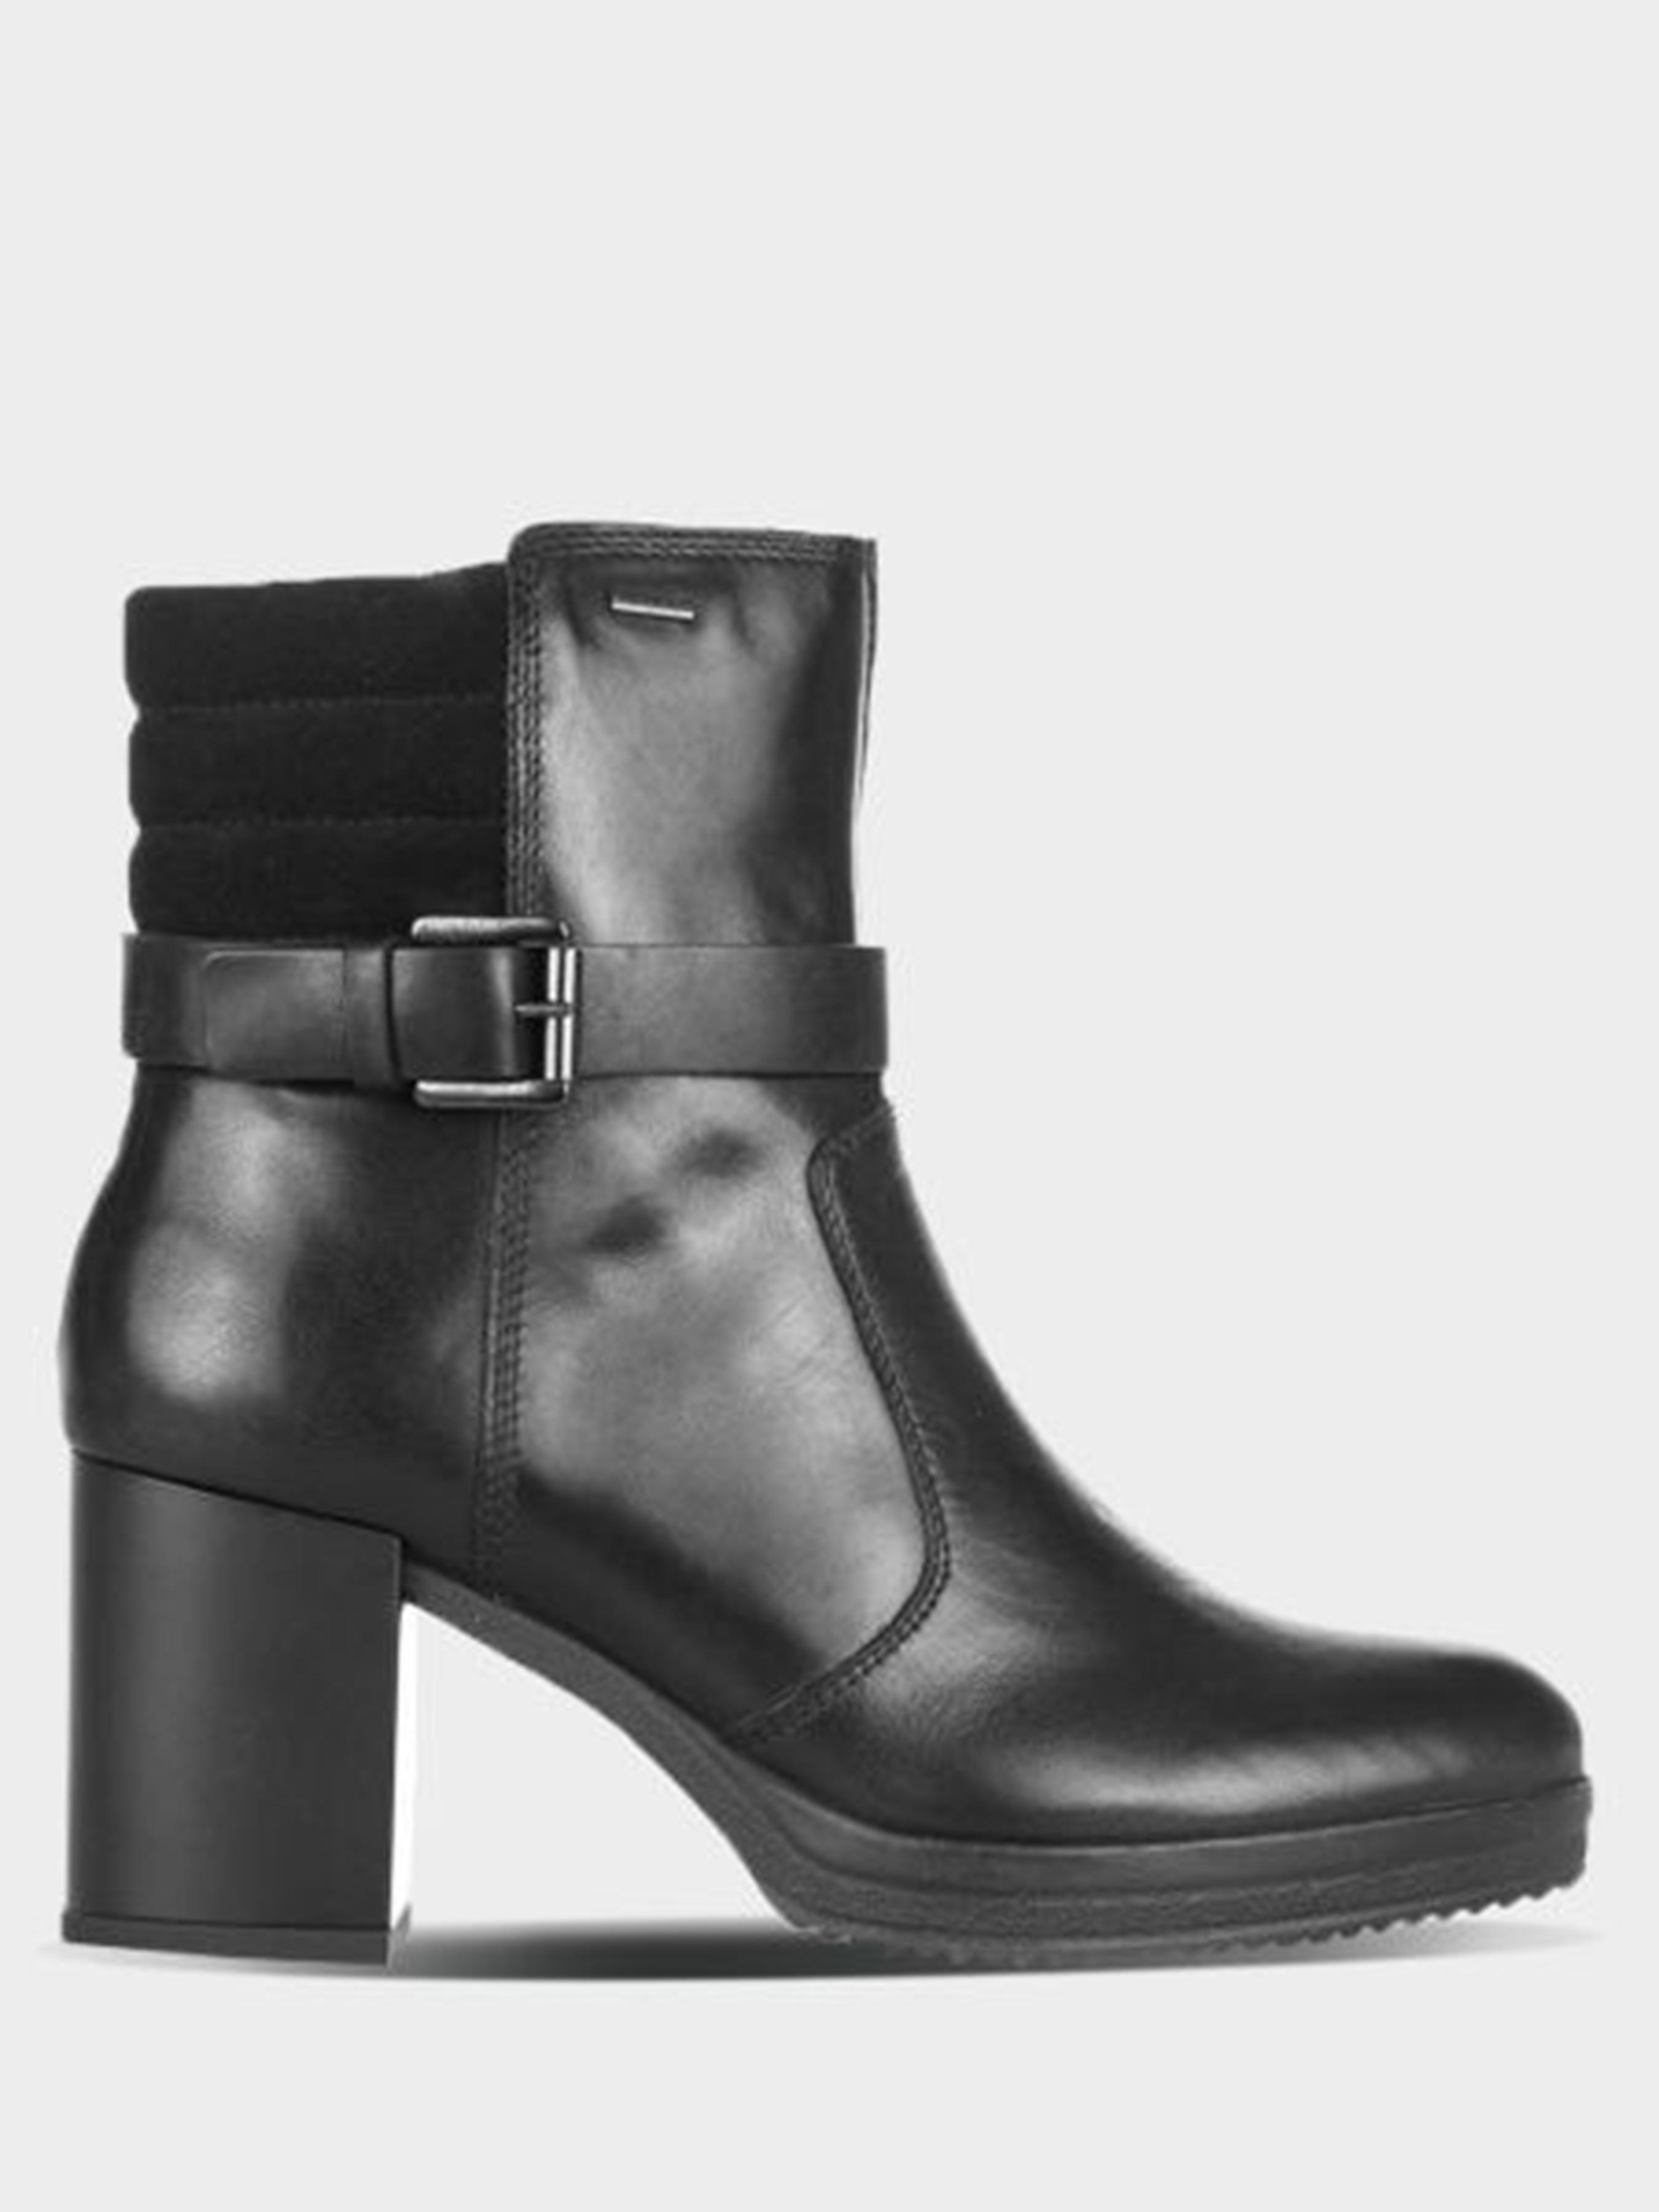 Купить Ботинки женские Geox REMIGIA ABX XW3384, Черный